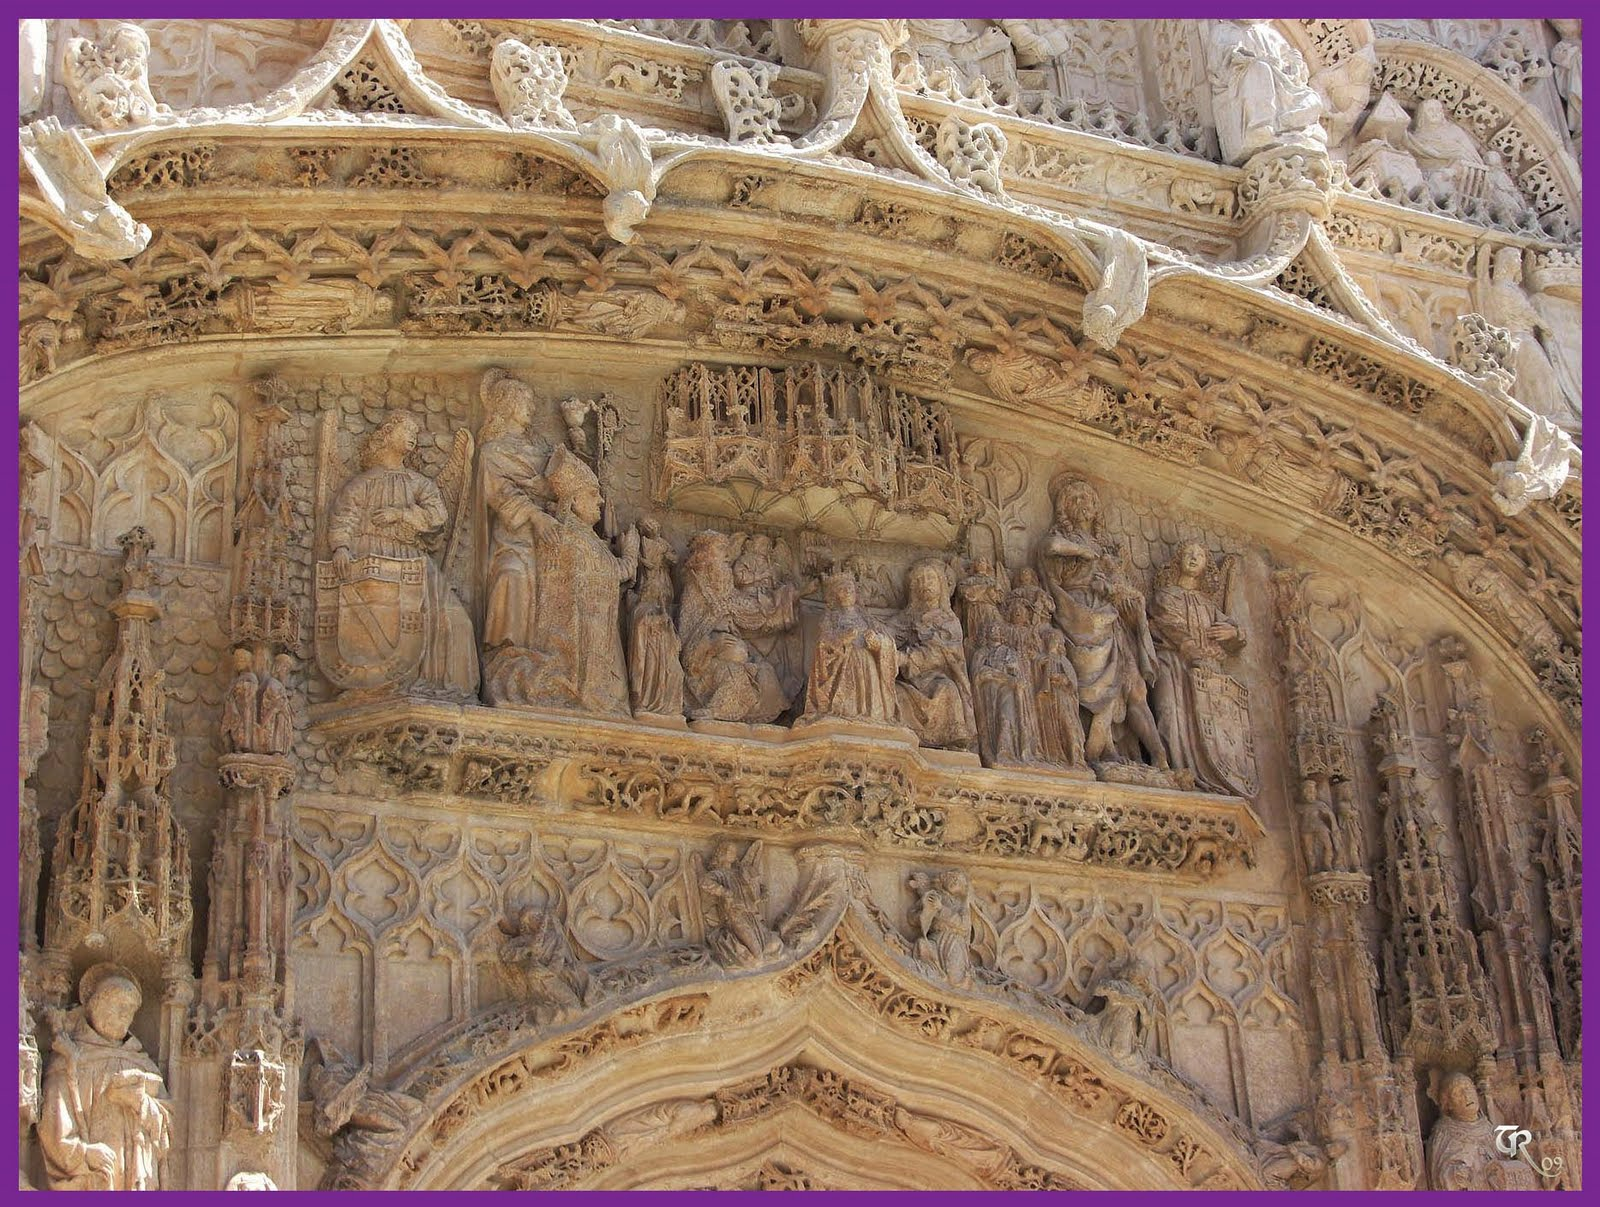 Domvs pvcelae historias de valladolid la fachada de san - Trasdos valladolid ...